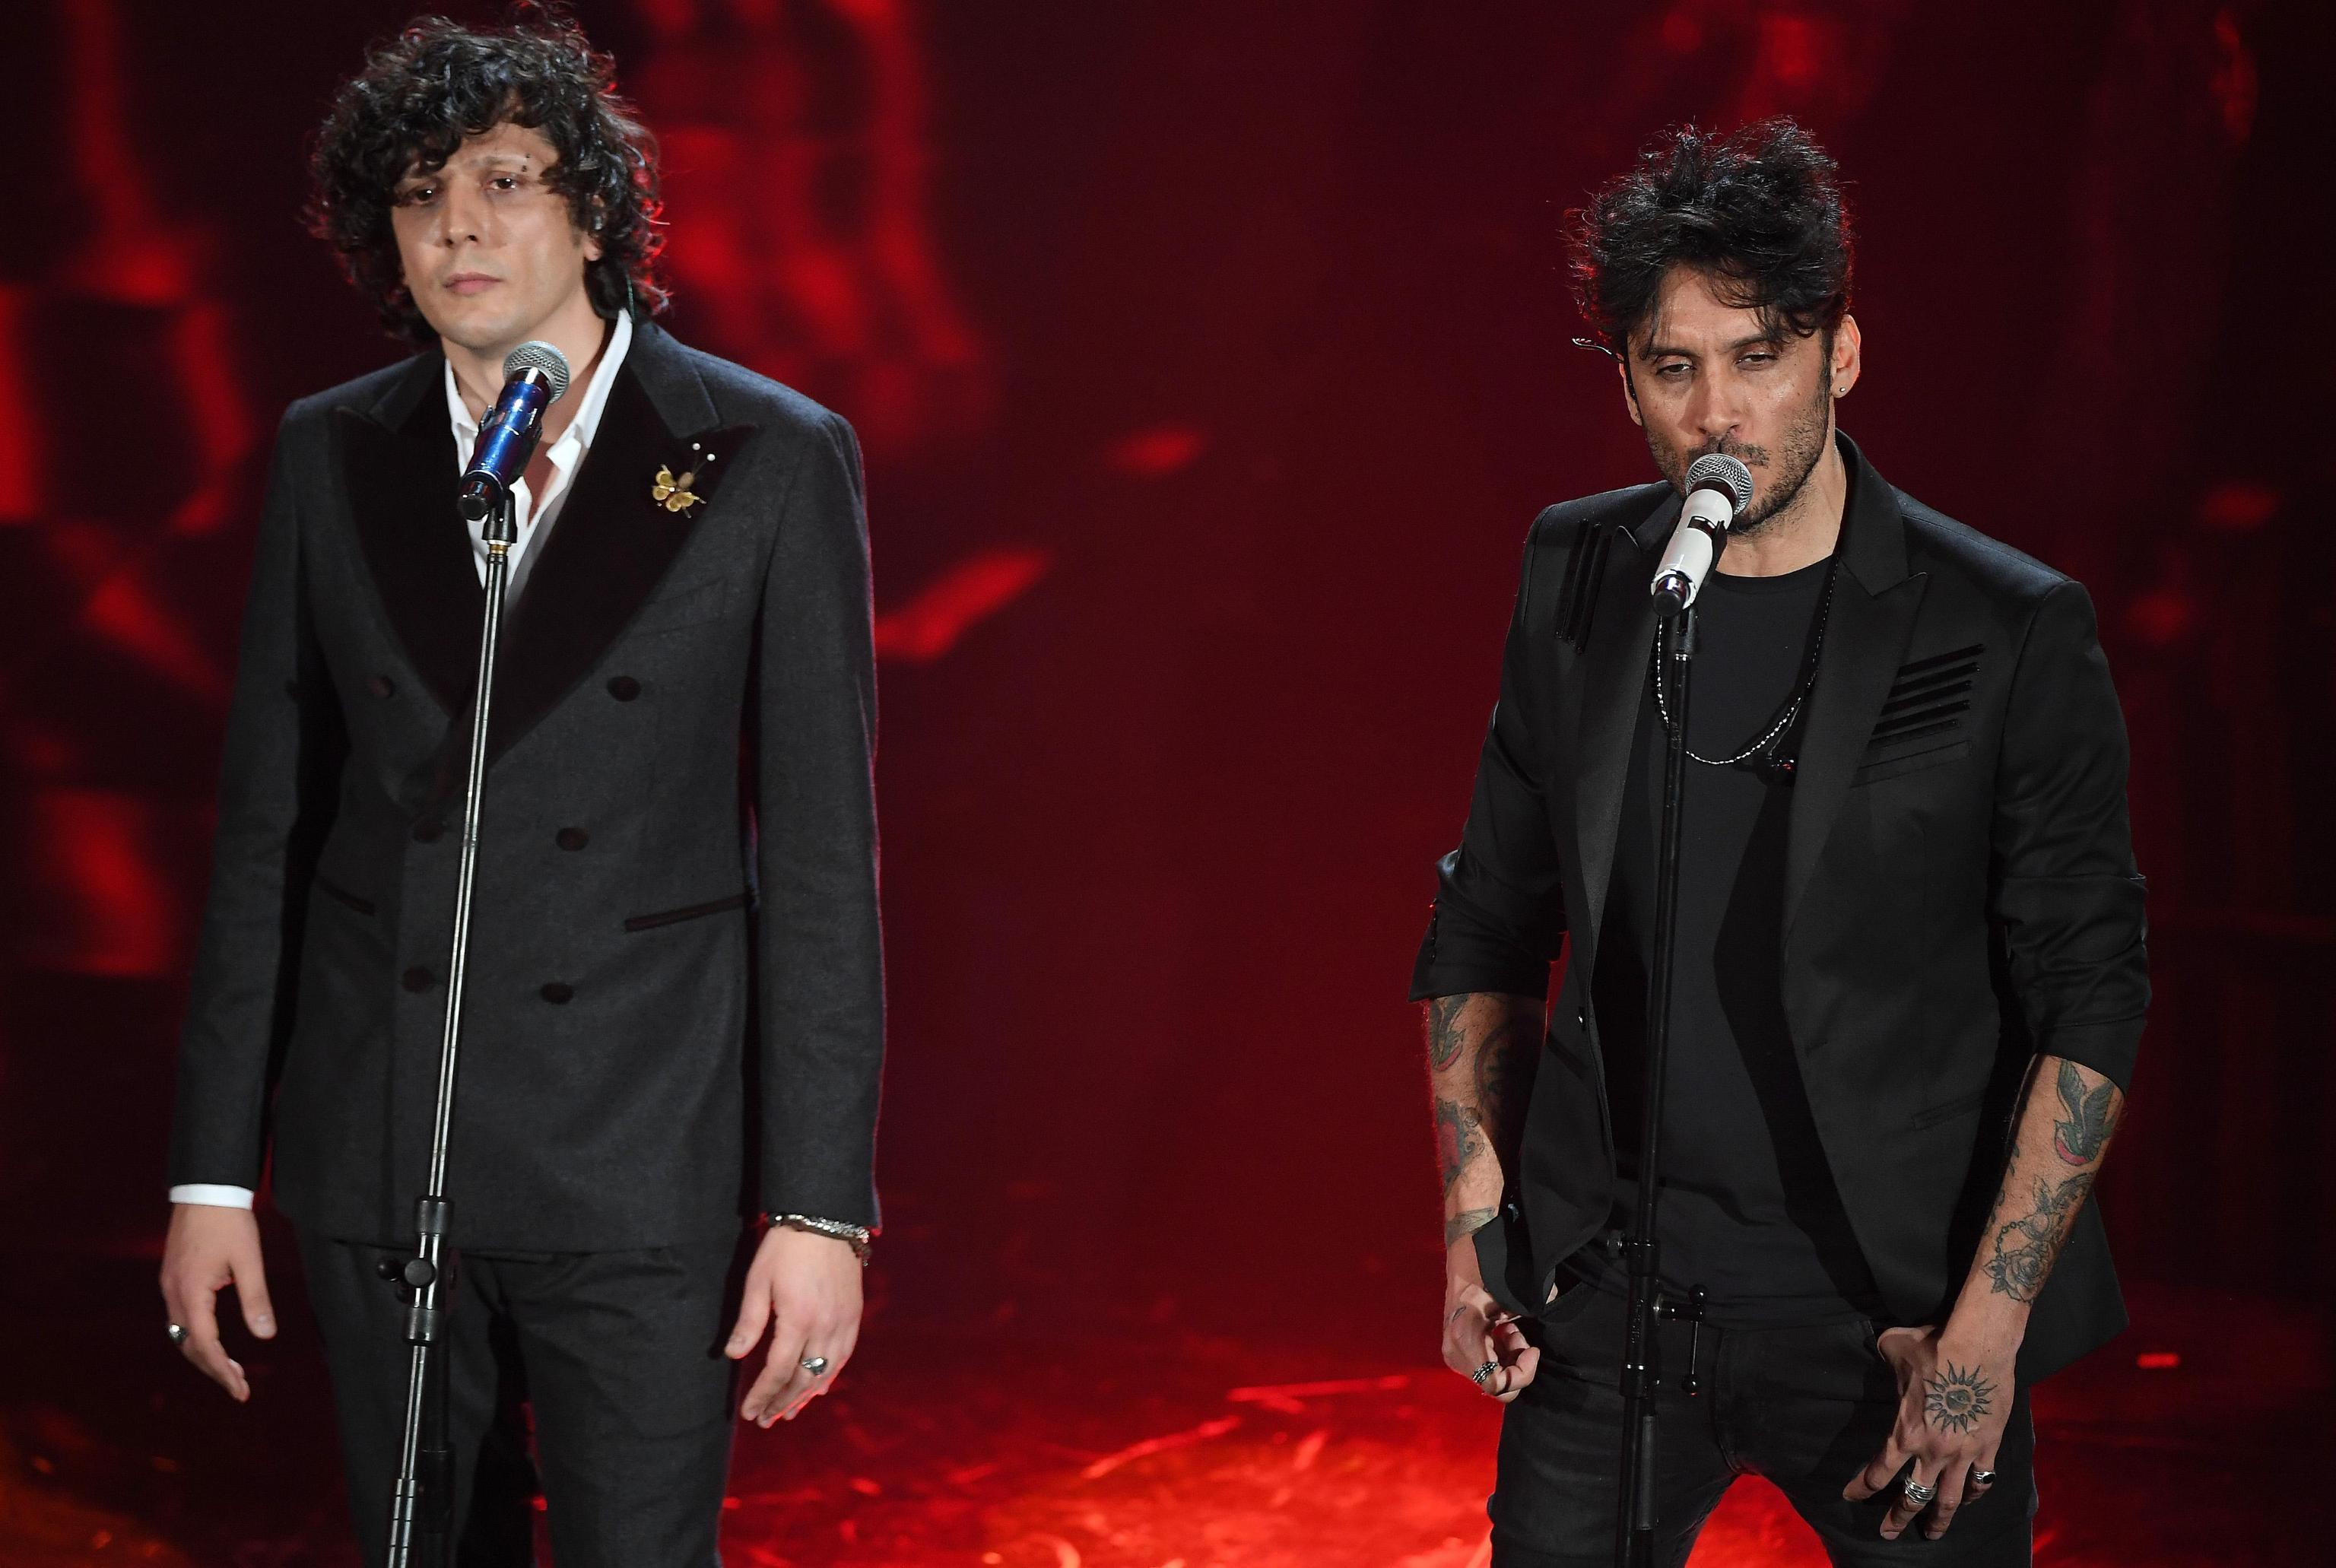 Ermal Meta e Fabrizio Moro non sono eliminati da Sanremo 2018: 'La canzone è nuova'